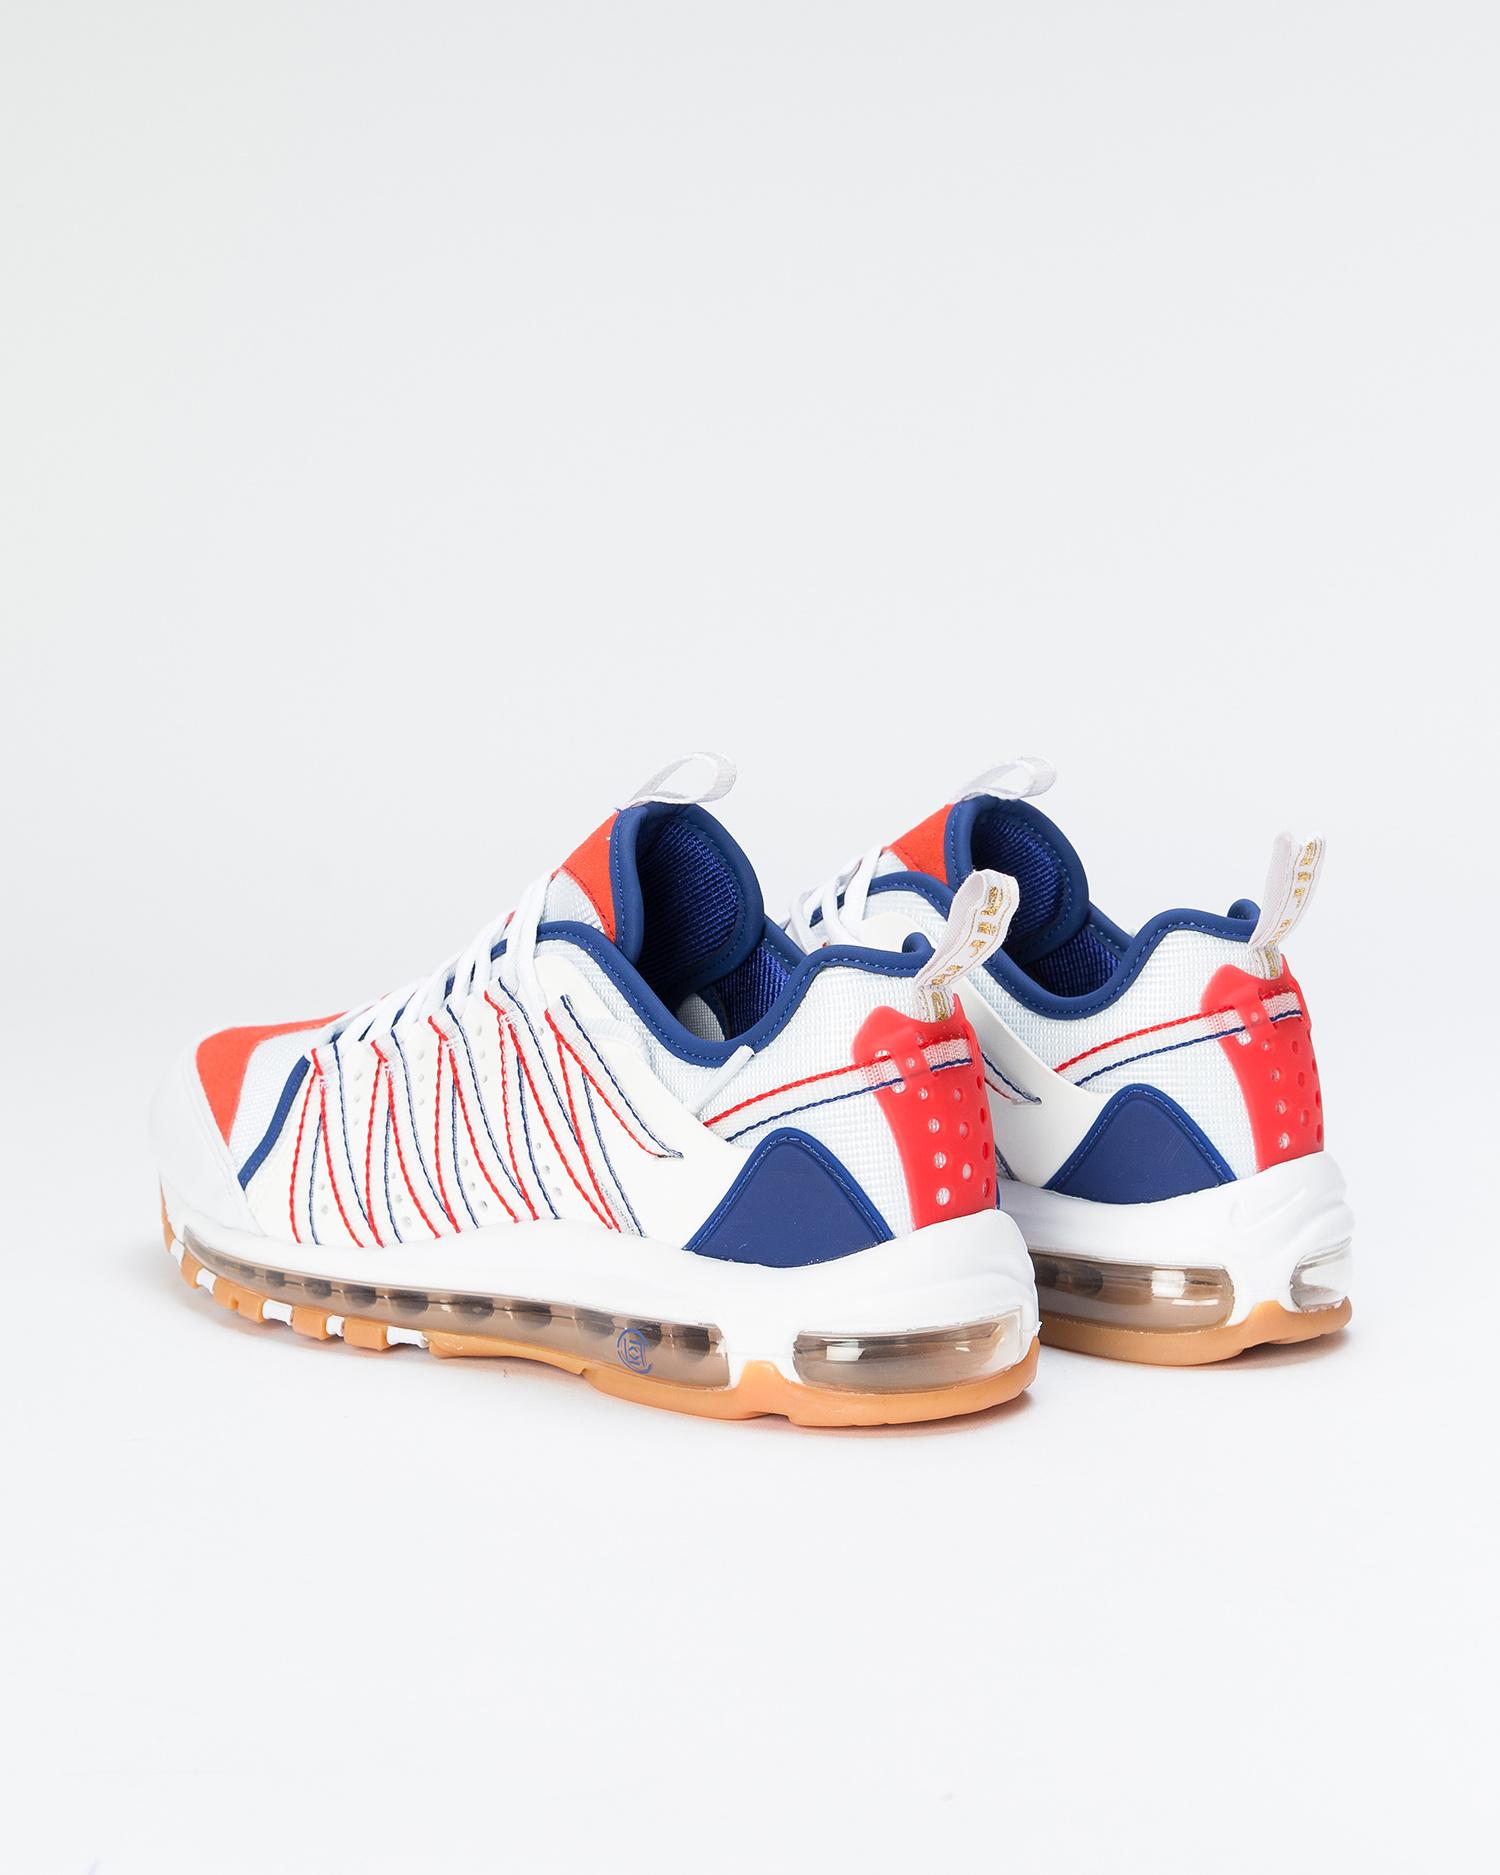 Nike x CLOT Air Max Haven WHITE/SAIL-DEEP ROYAL BLUE